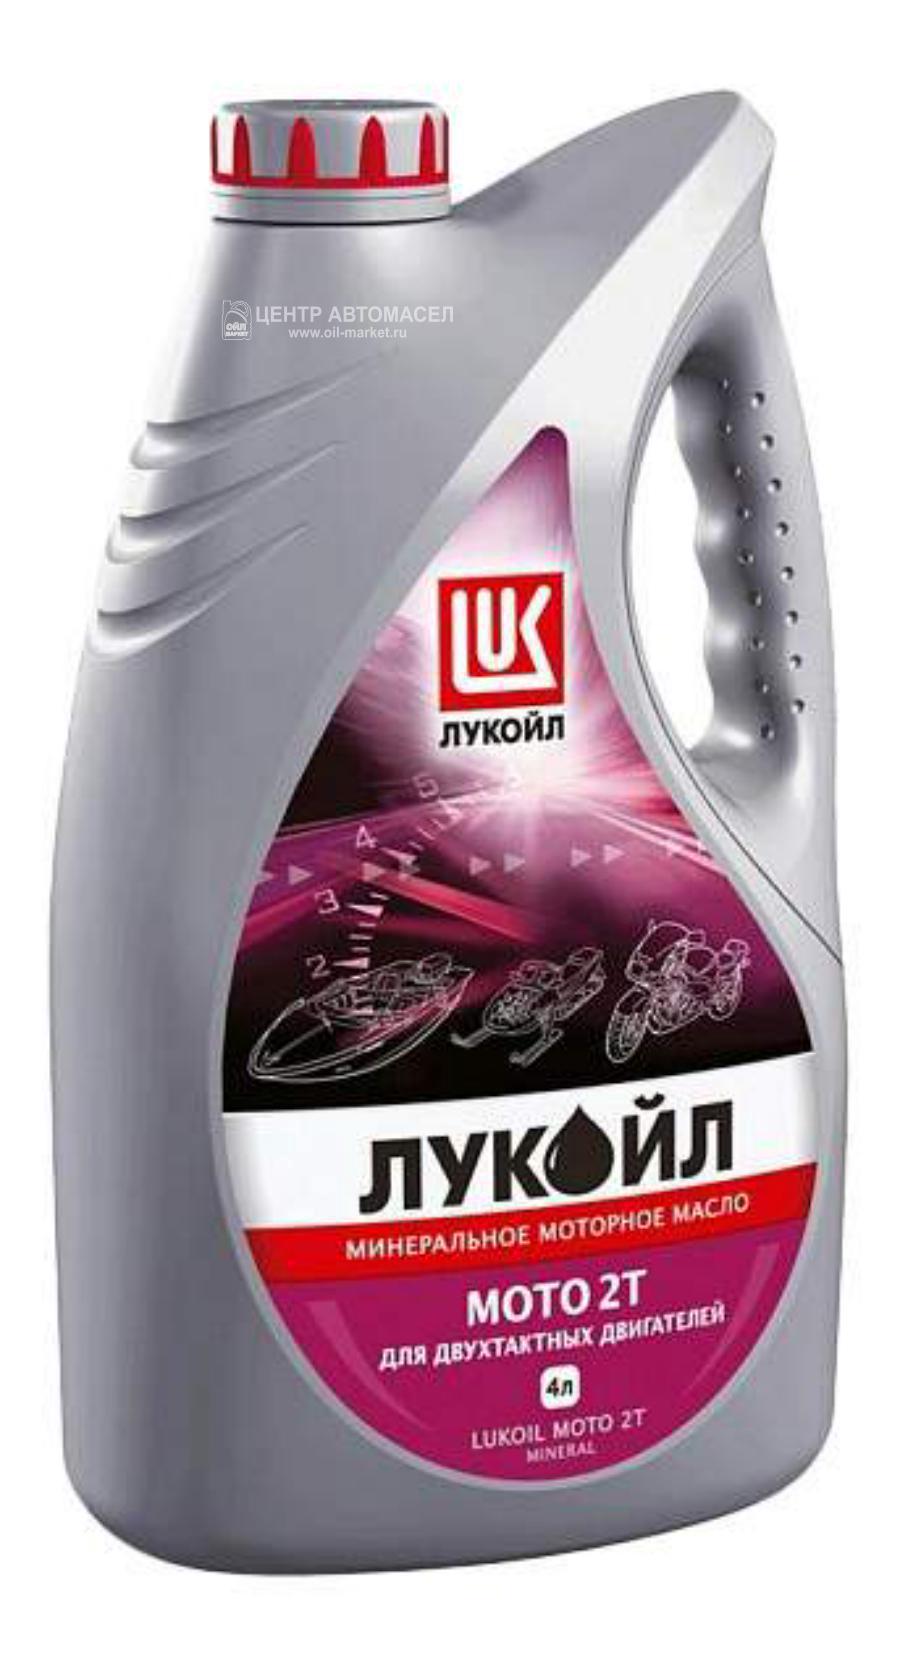 Масло моторное минеральное Мото 2Т, 4л